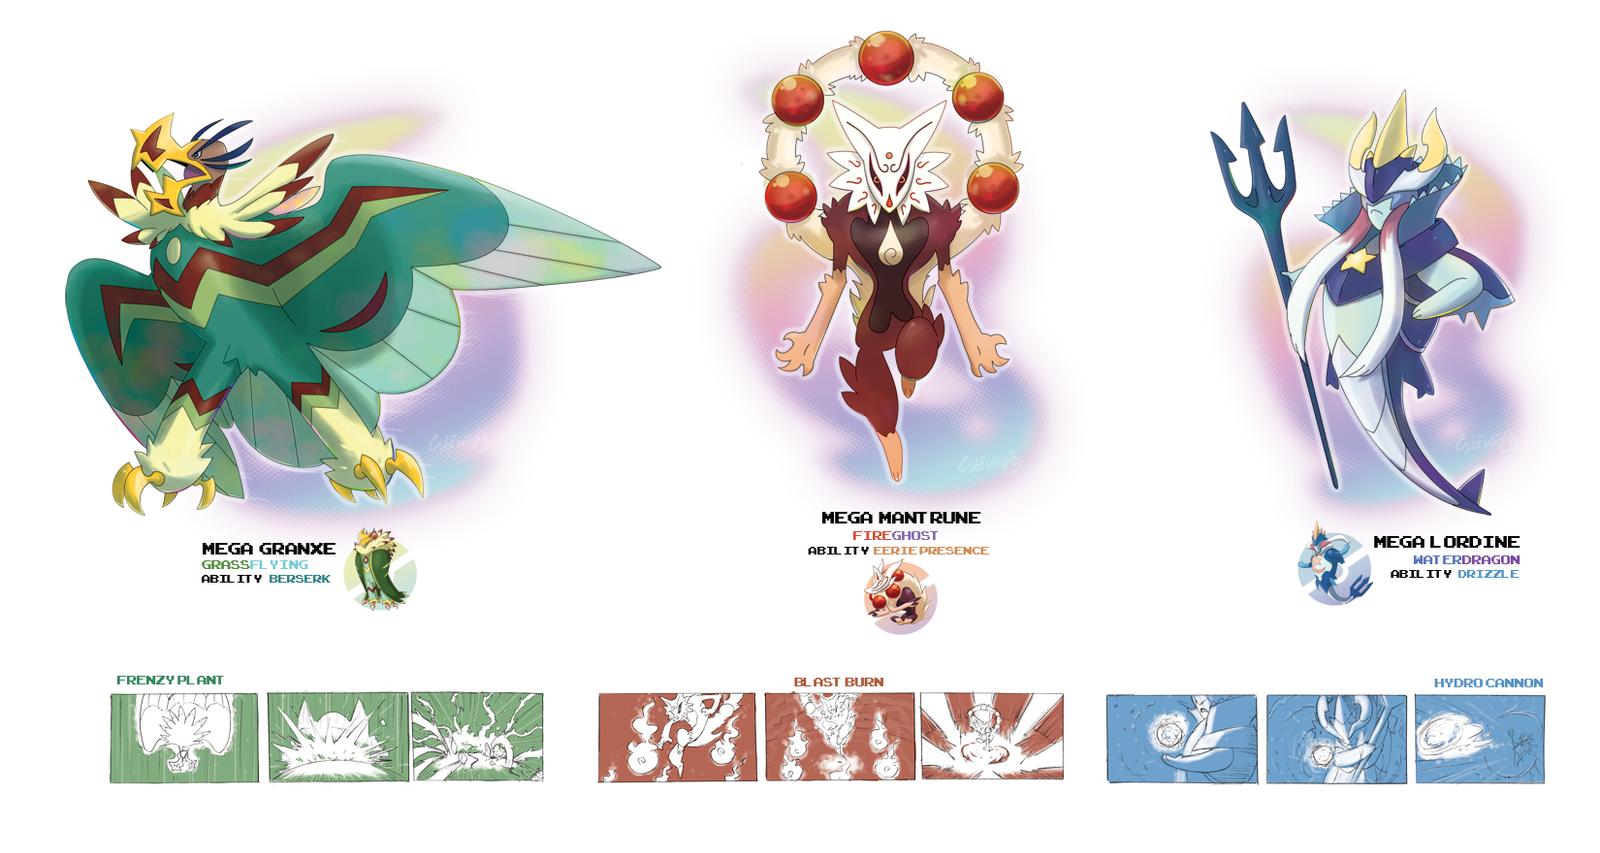 Starter Pokemon All Mega Evolutions Images | Pokemon Images